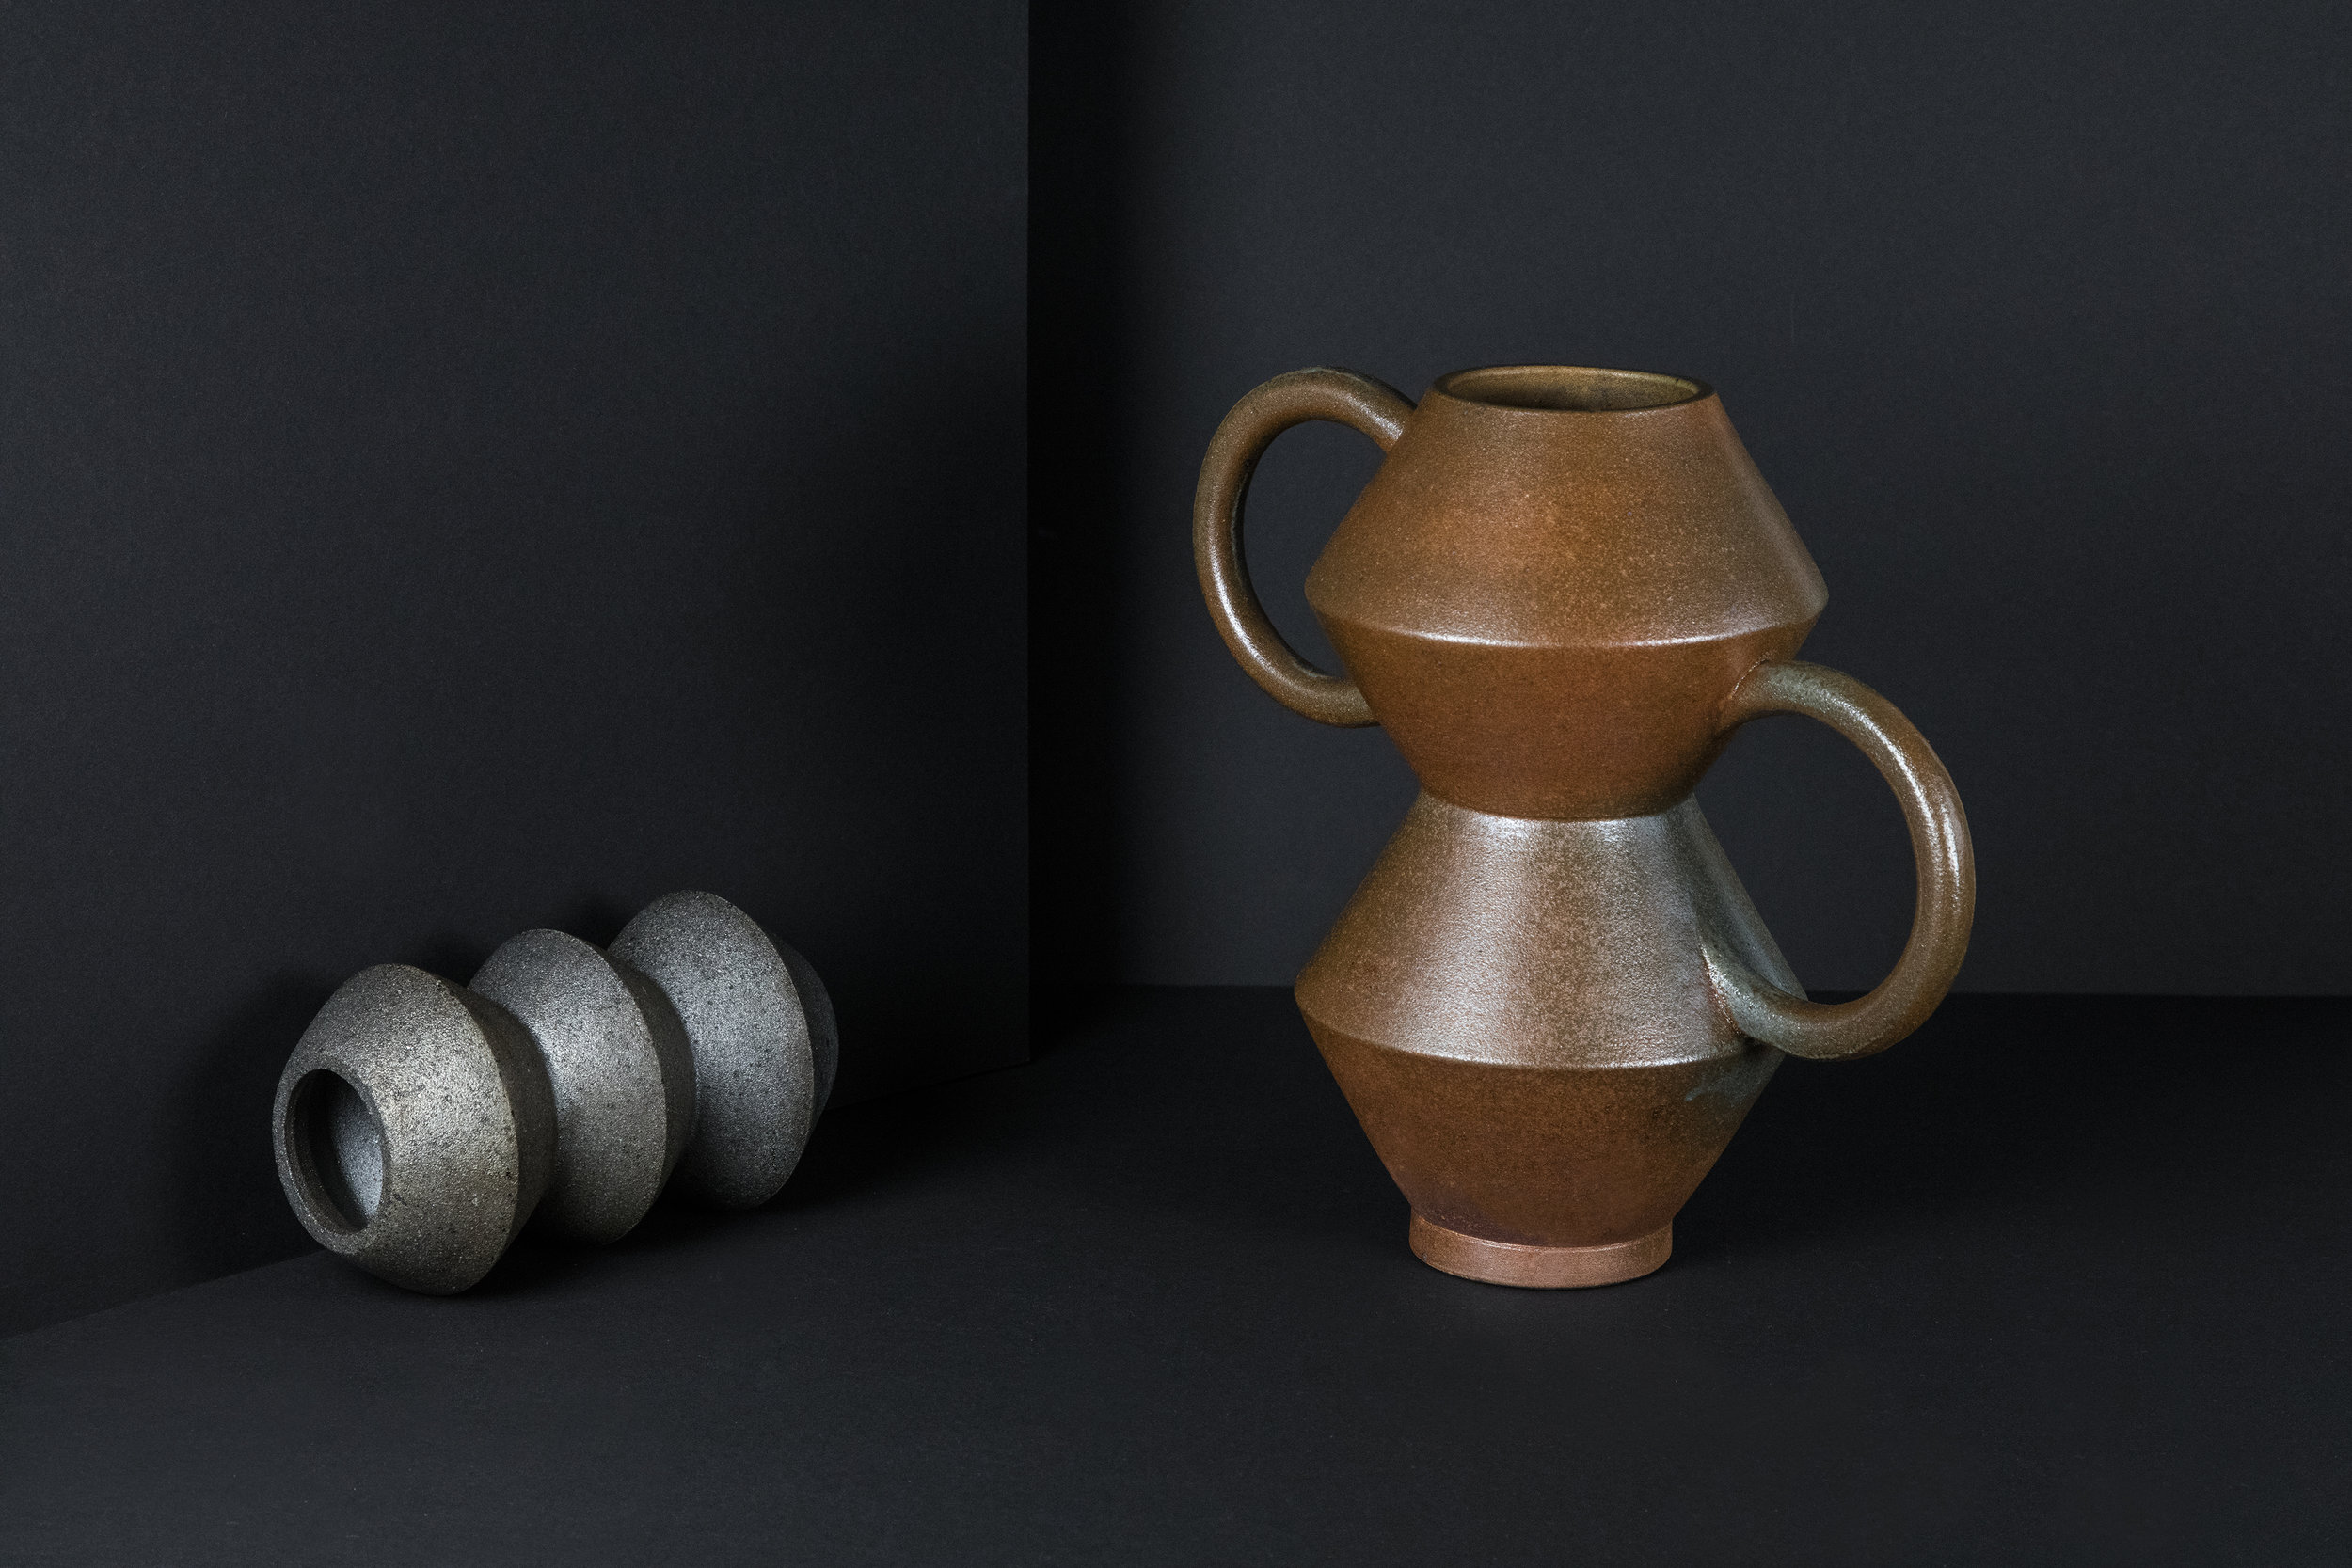 munoz-josefina-design-black-vases-ceramic-8.jpg